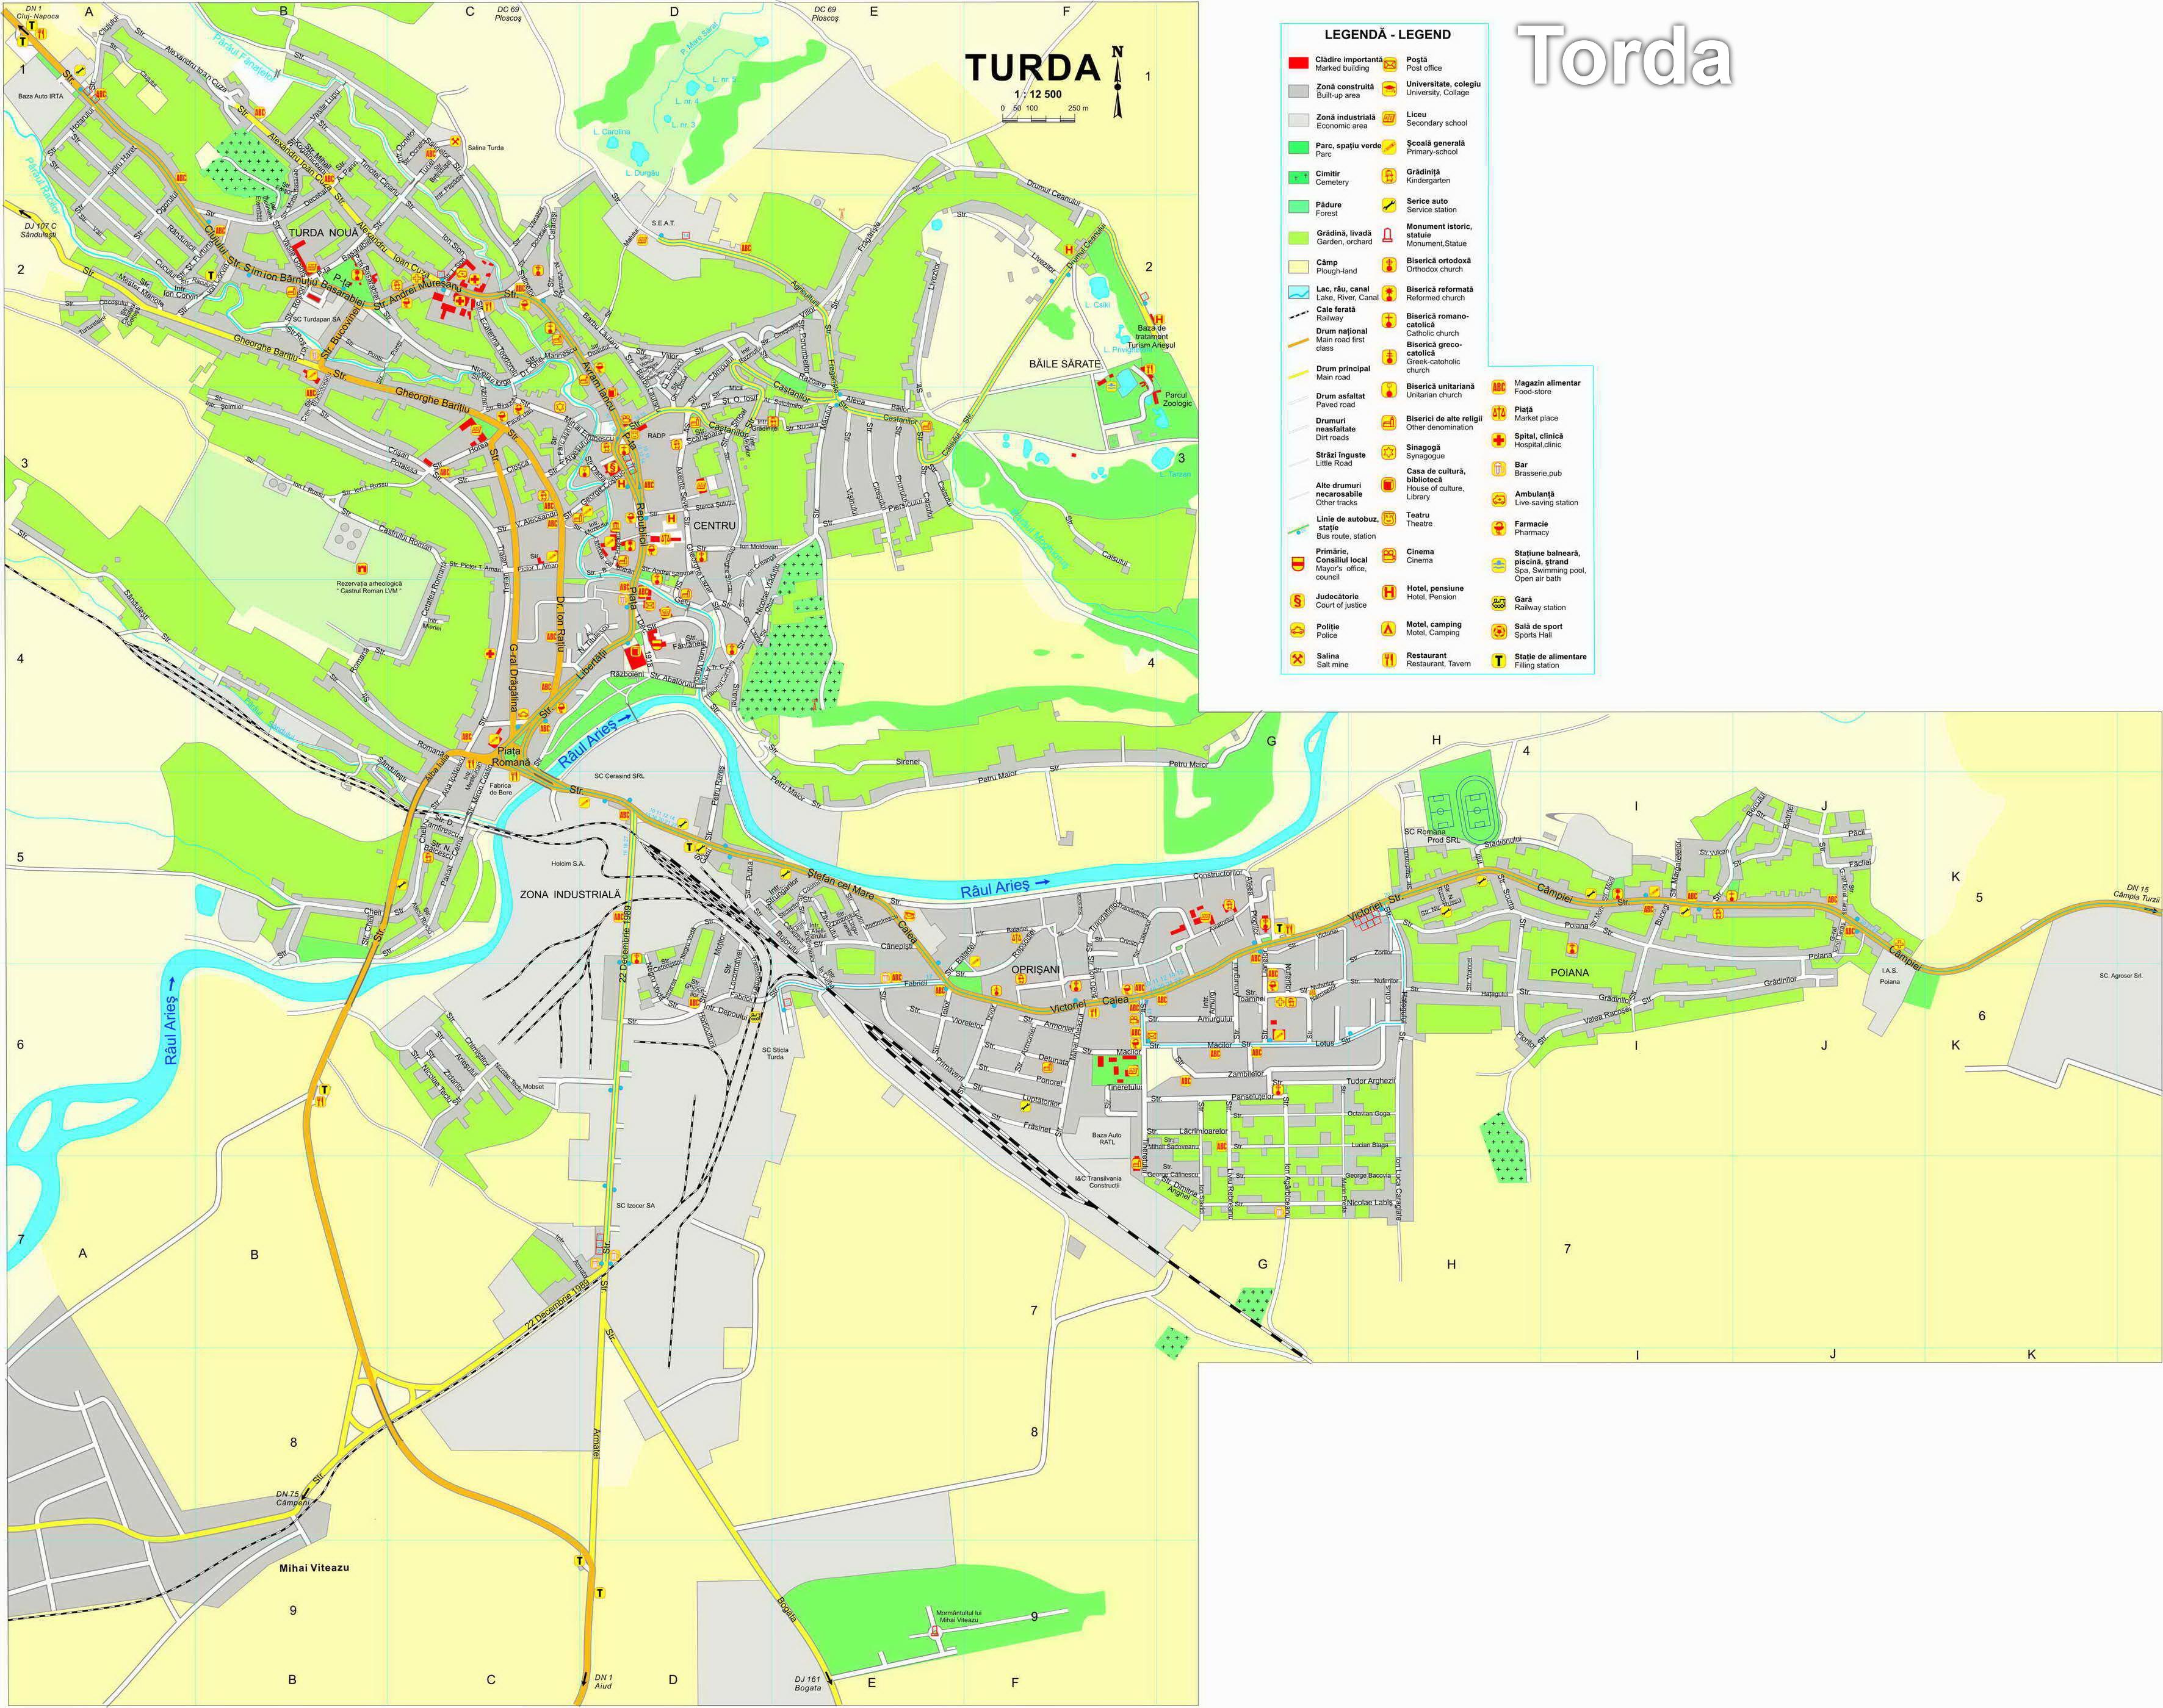 Torda turisztikai térképe - szállás